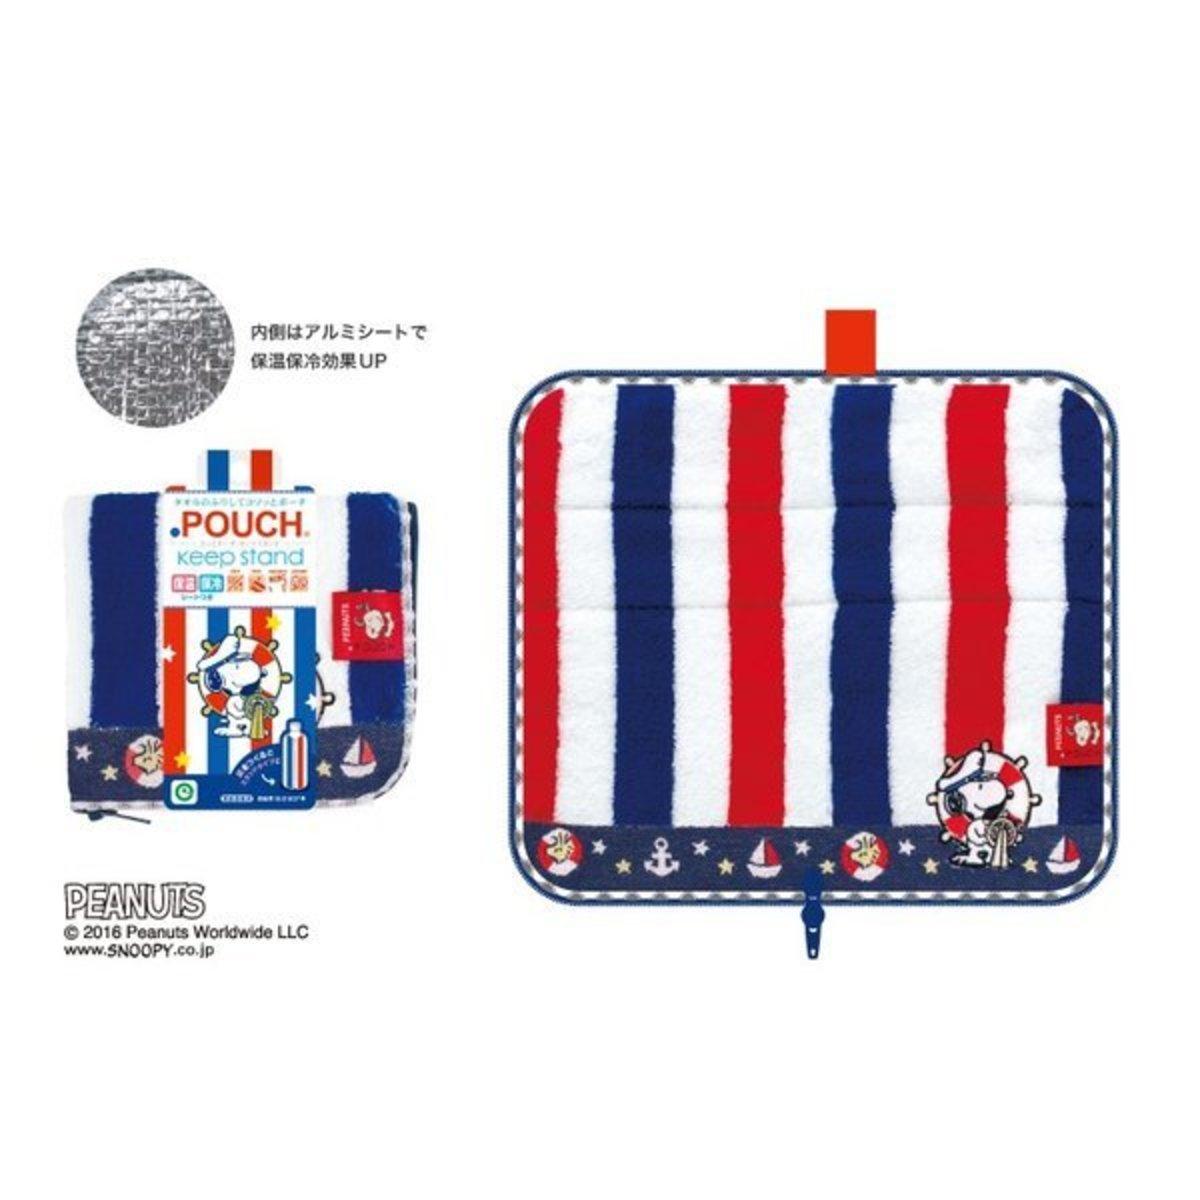 (藍紅間條史諾比) 日本超人氣卡通多用途 奶樽/水樽保温毛巾套